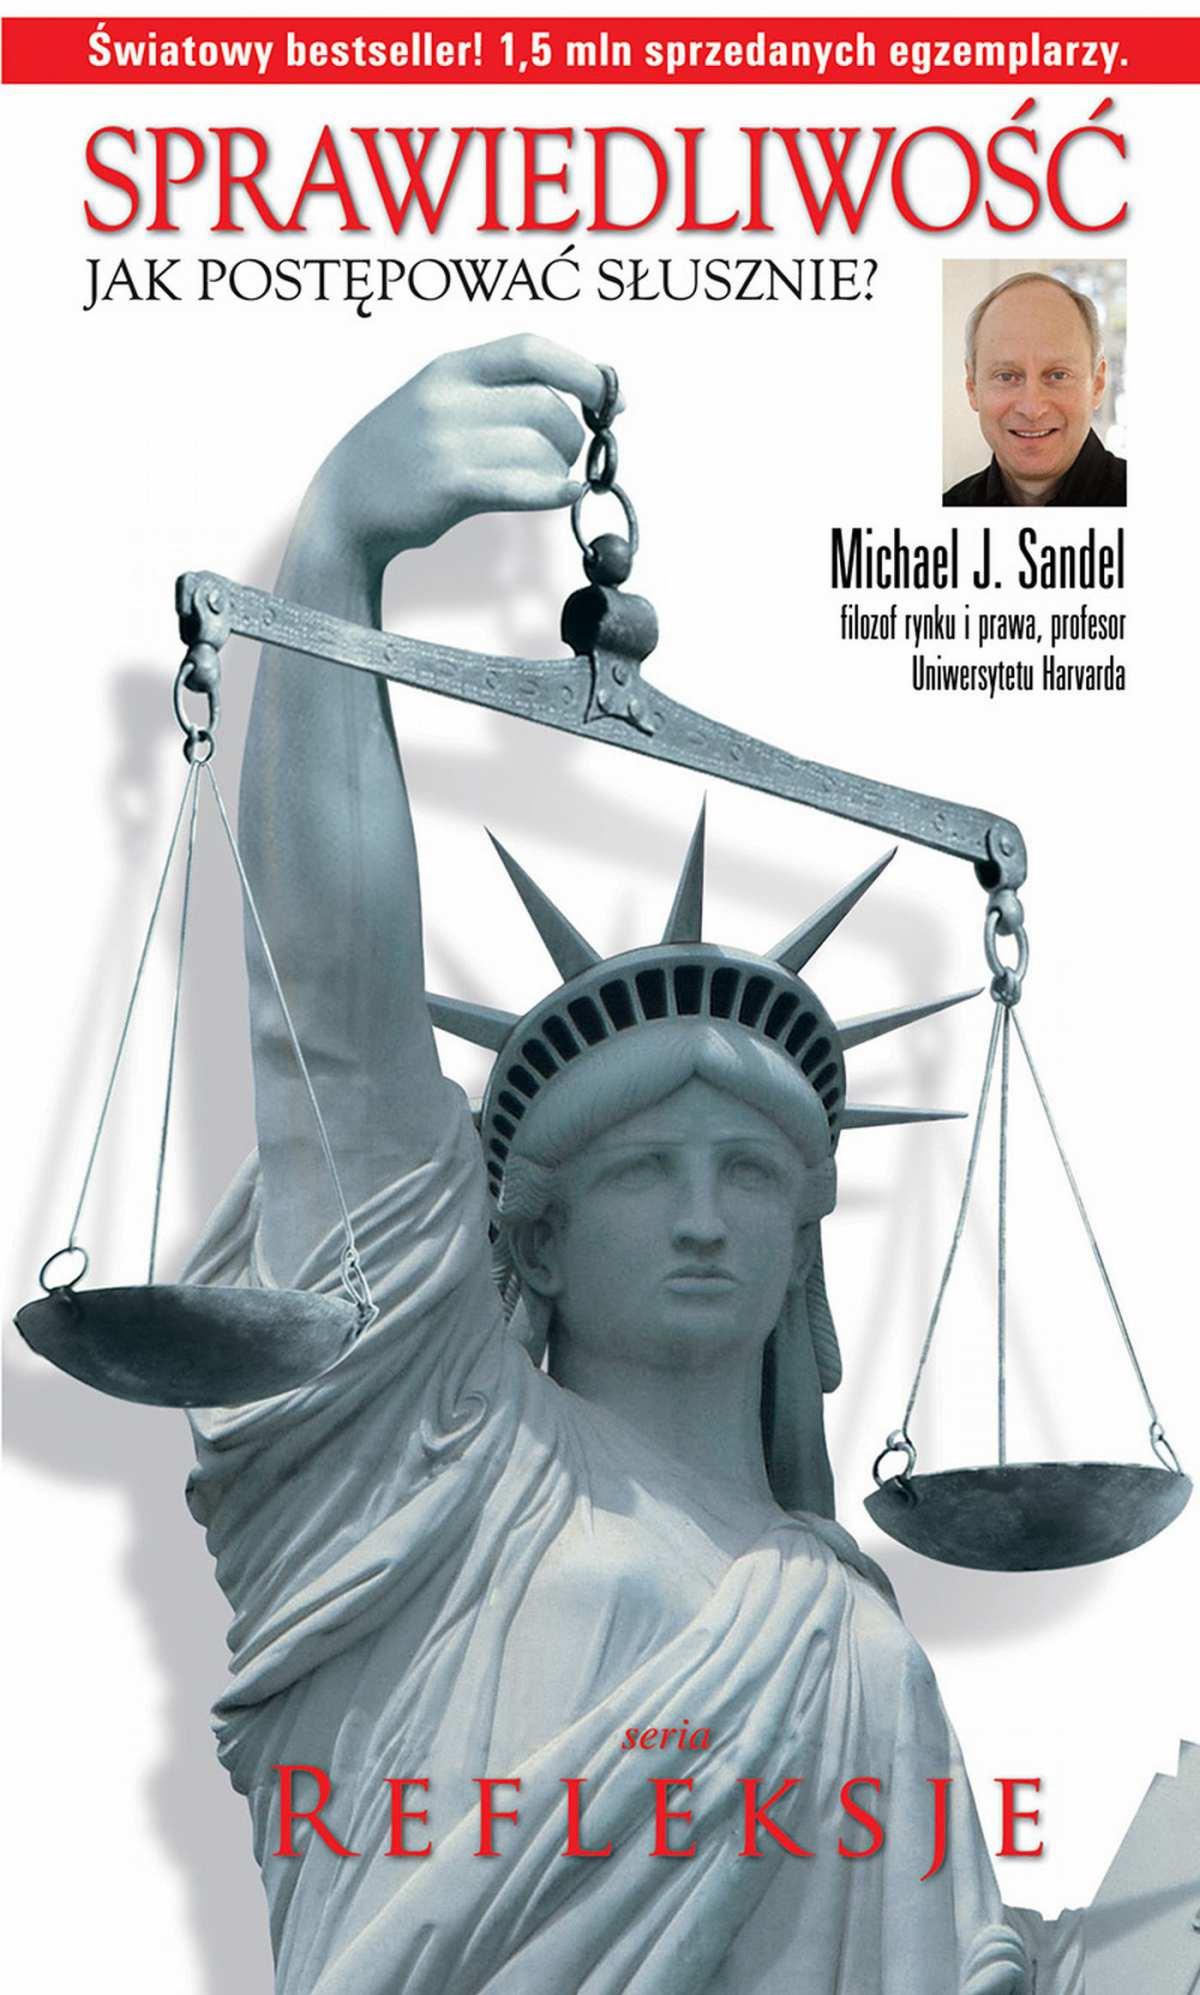 Sprawiedliwość. Jak postępować słusznie? - Ebook (Książka na Kindle) do pobrania w formacie MOBI